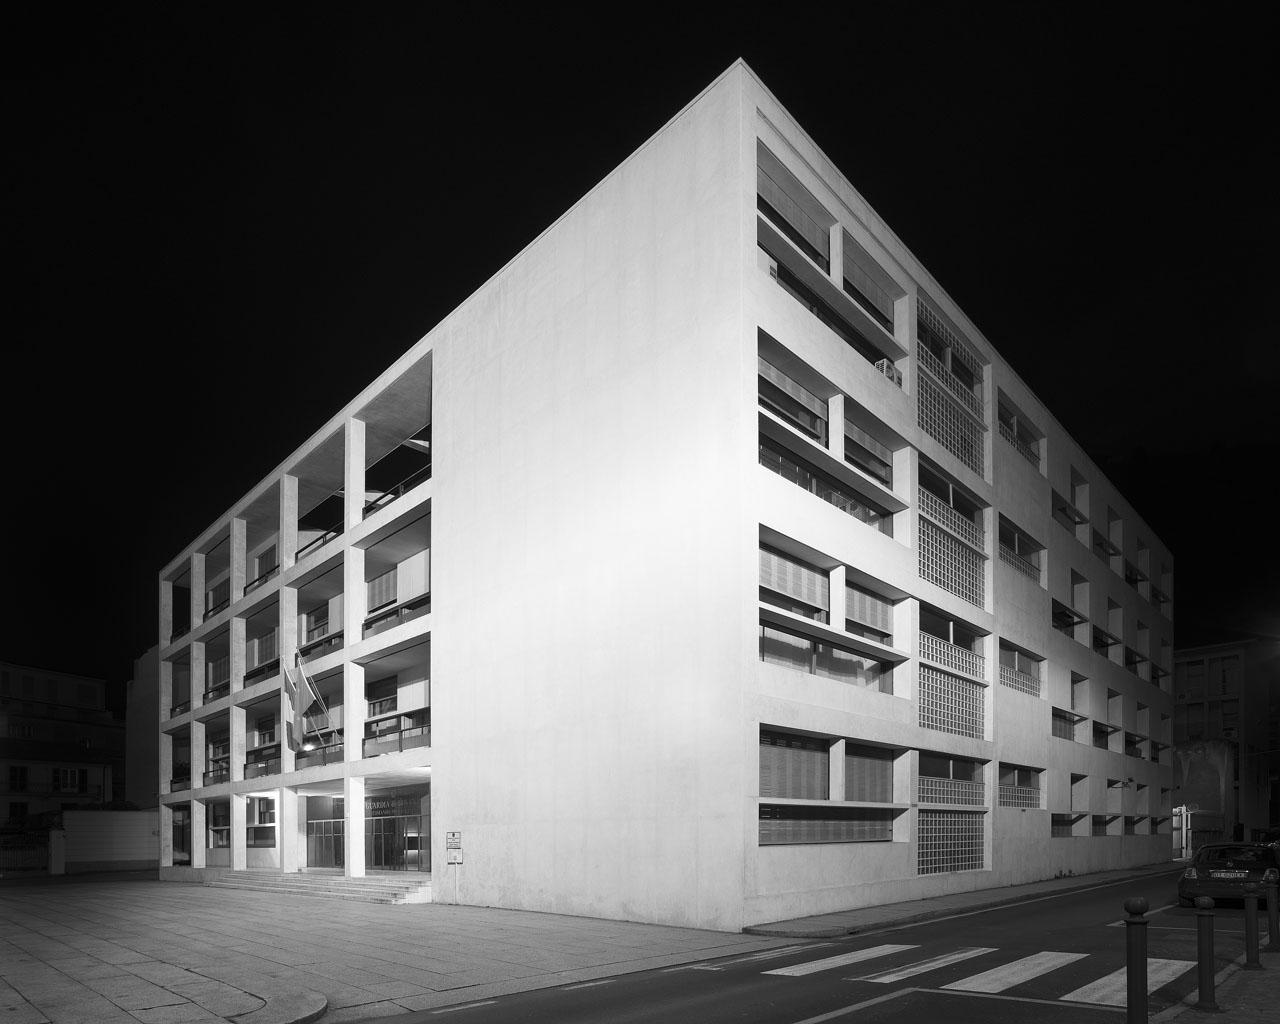 casa del fascio luce foto immagini architetture